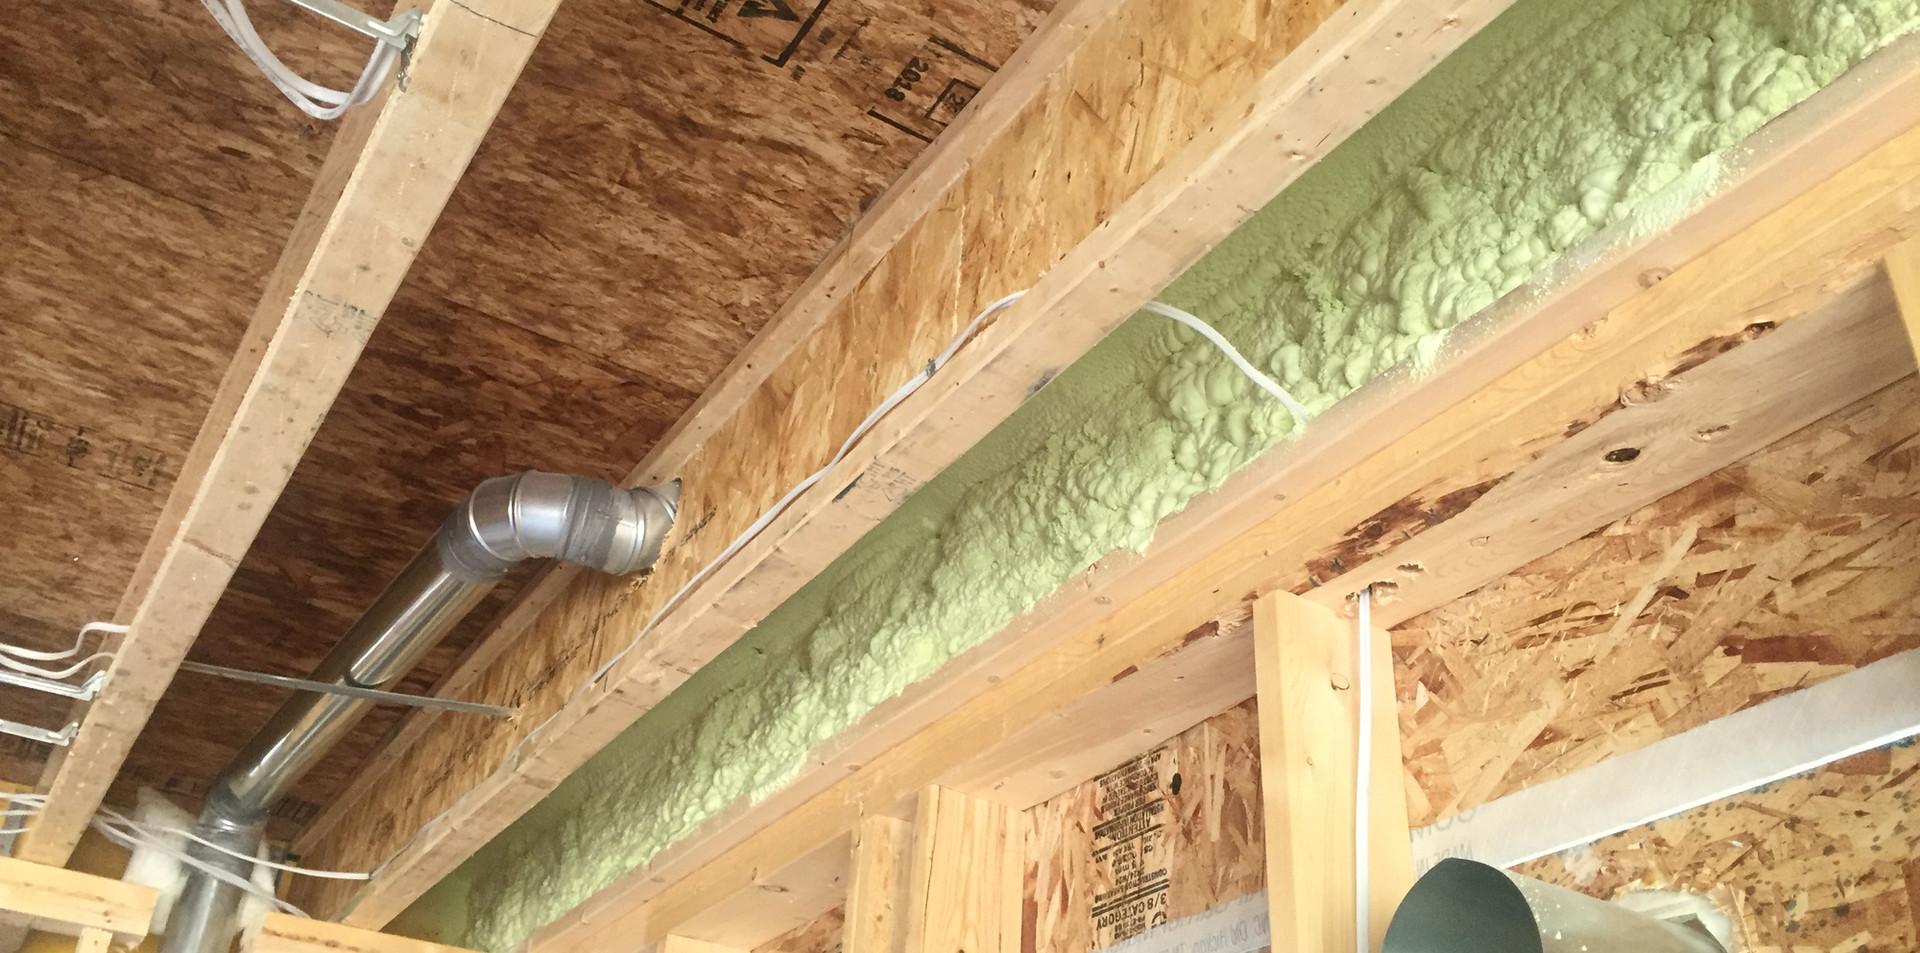 residential rim joist insulation